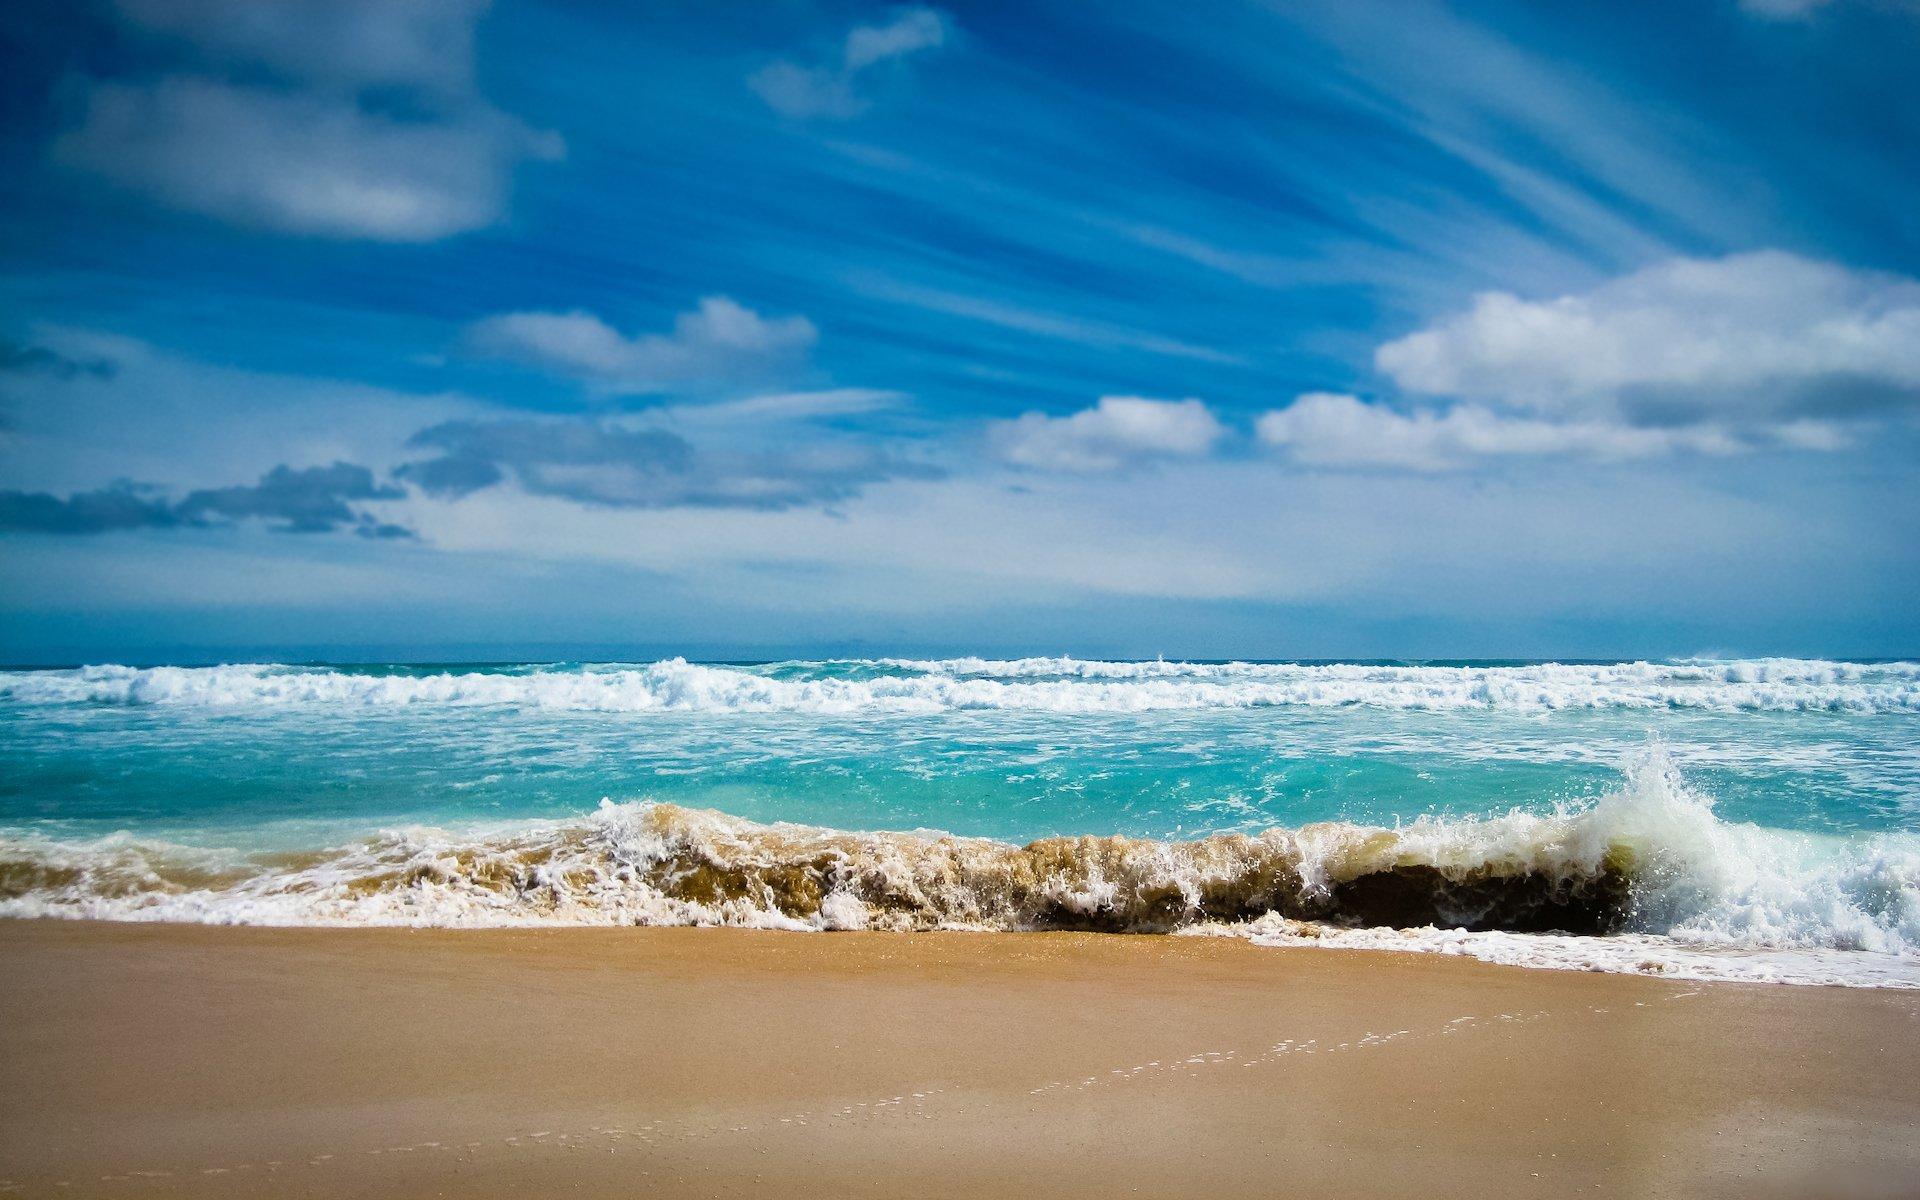 Обои волны. Пейзажи foto 12